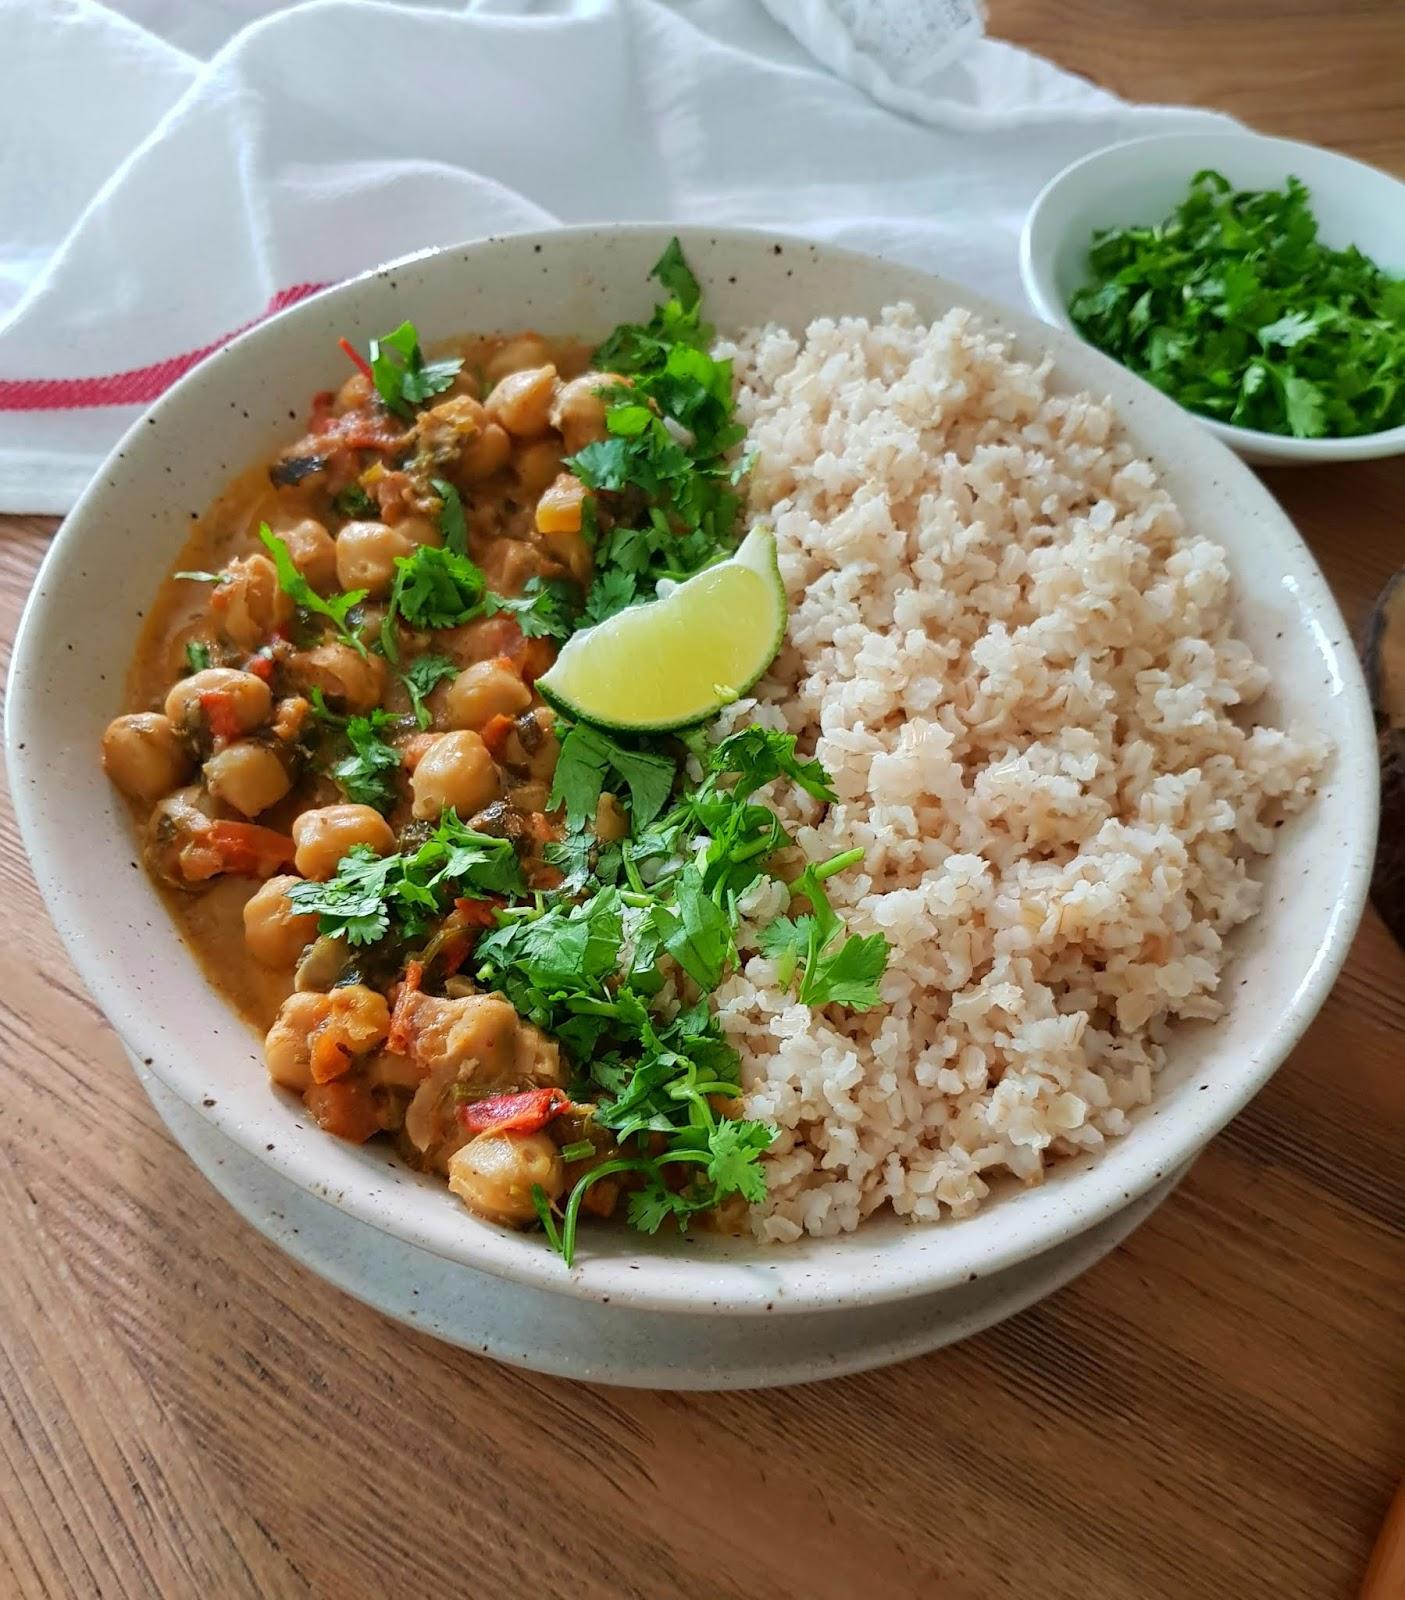 Vegan Chickpea Curry Recipe - Best vegan Indian recipes - Easy Vegan Recipes and Vegan Curry